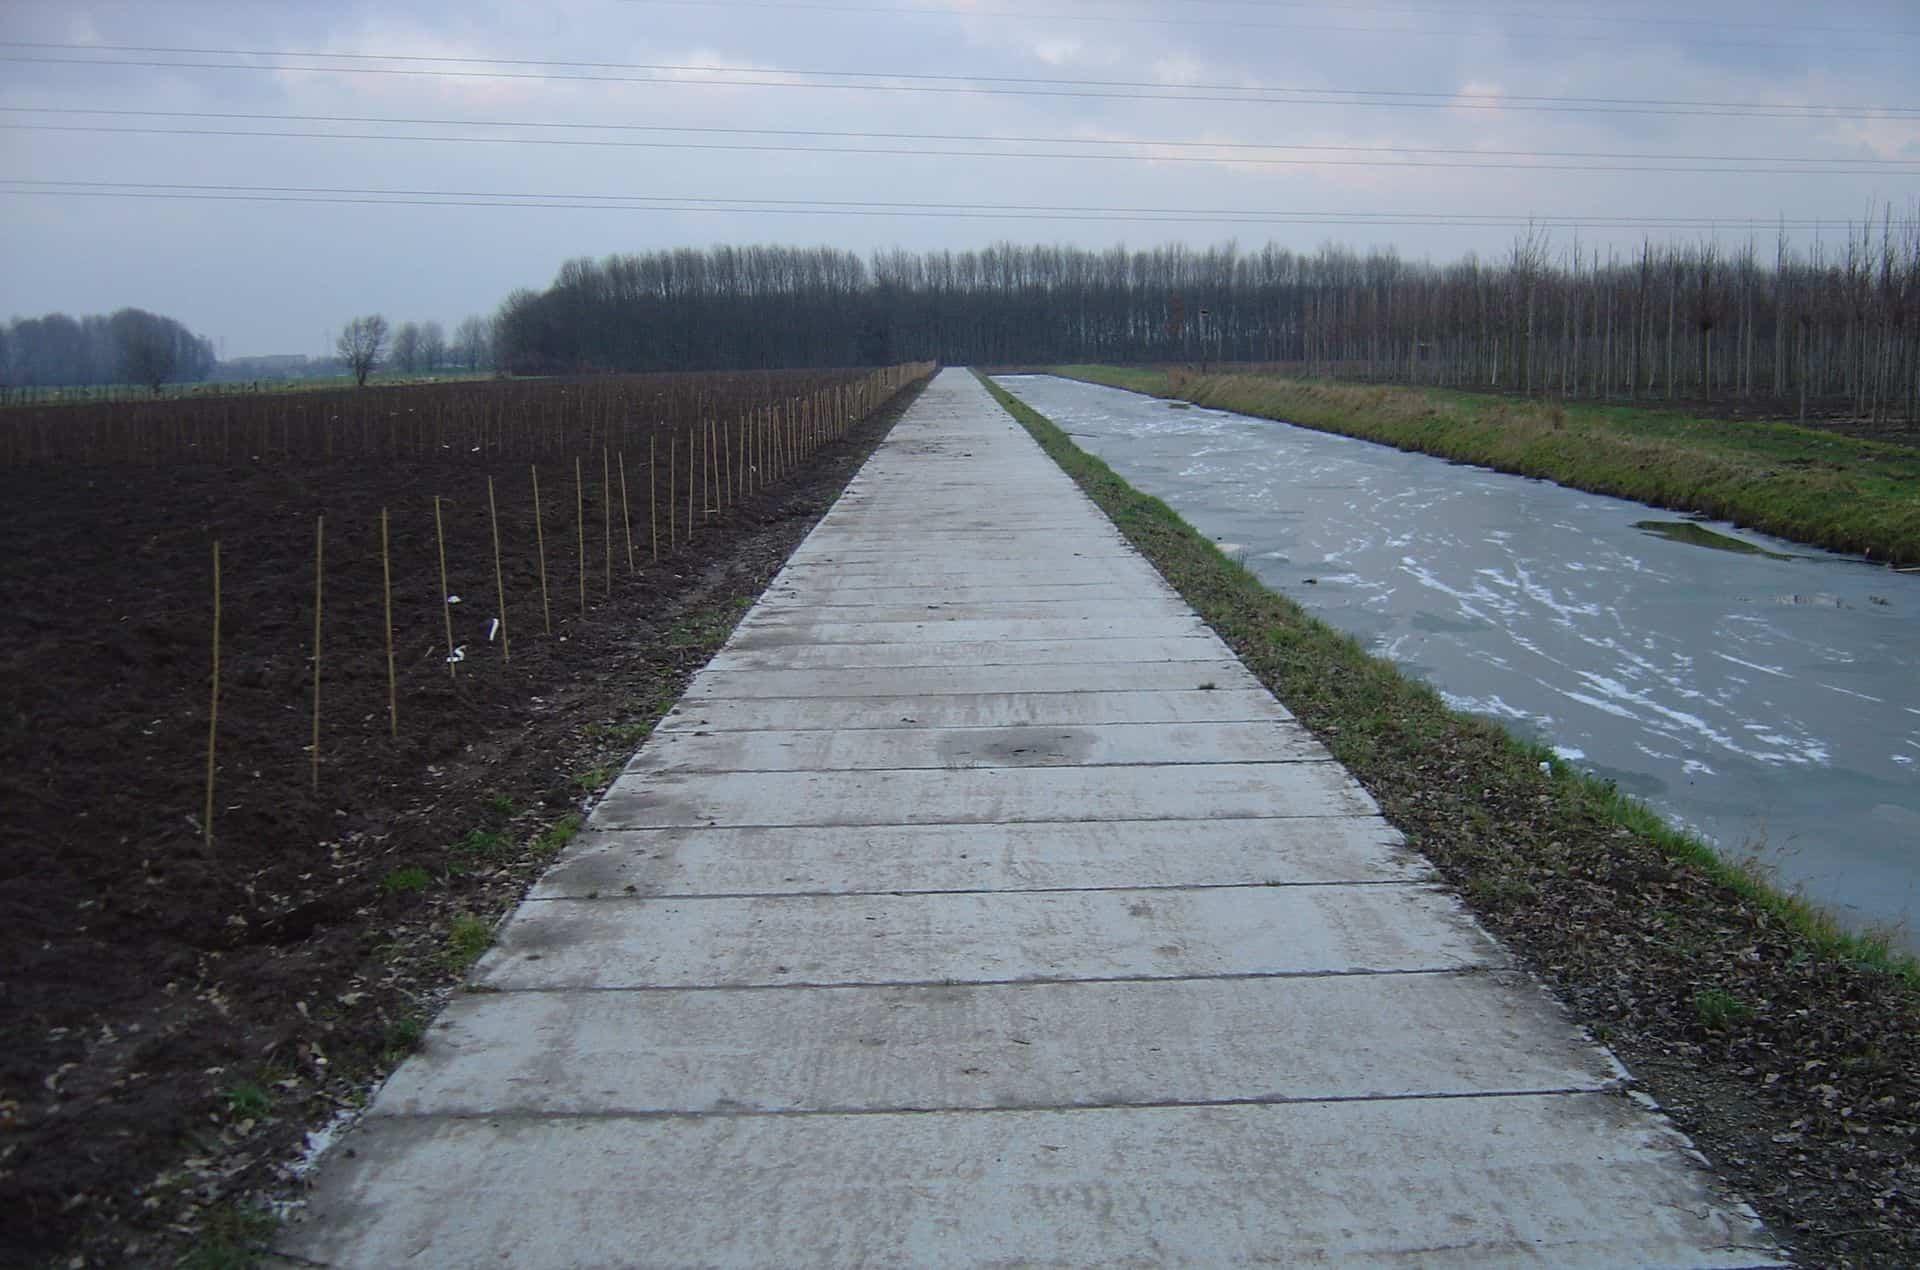 Kavelpad met betonplaten 300x120cm | Project diverse kwekerijen